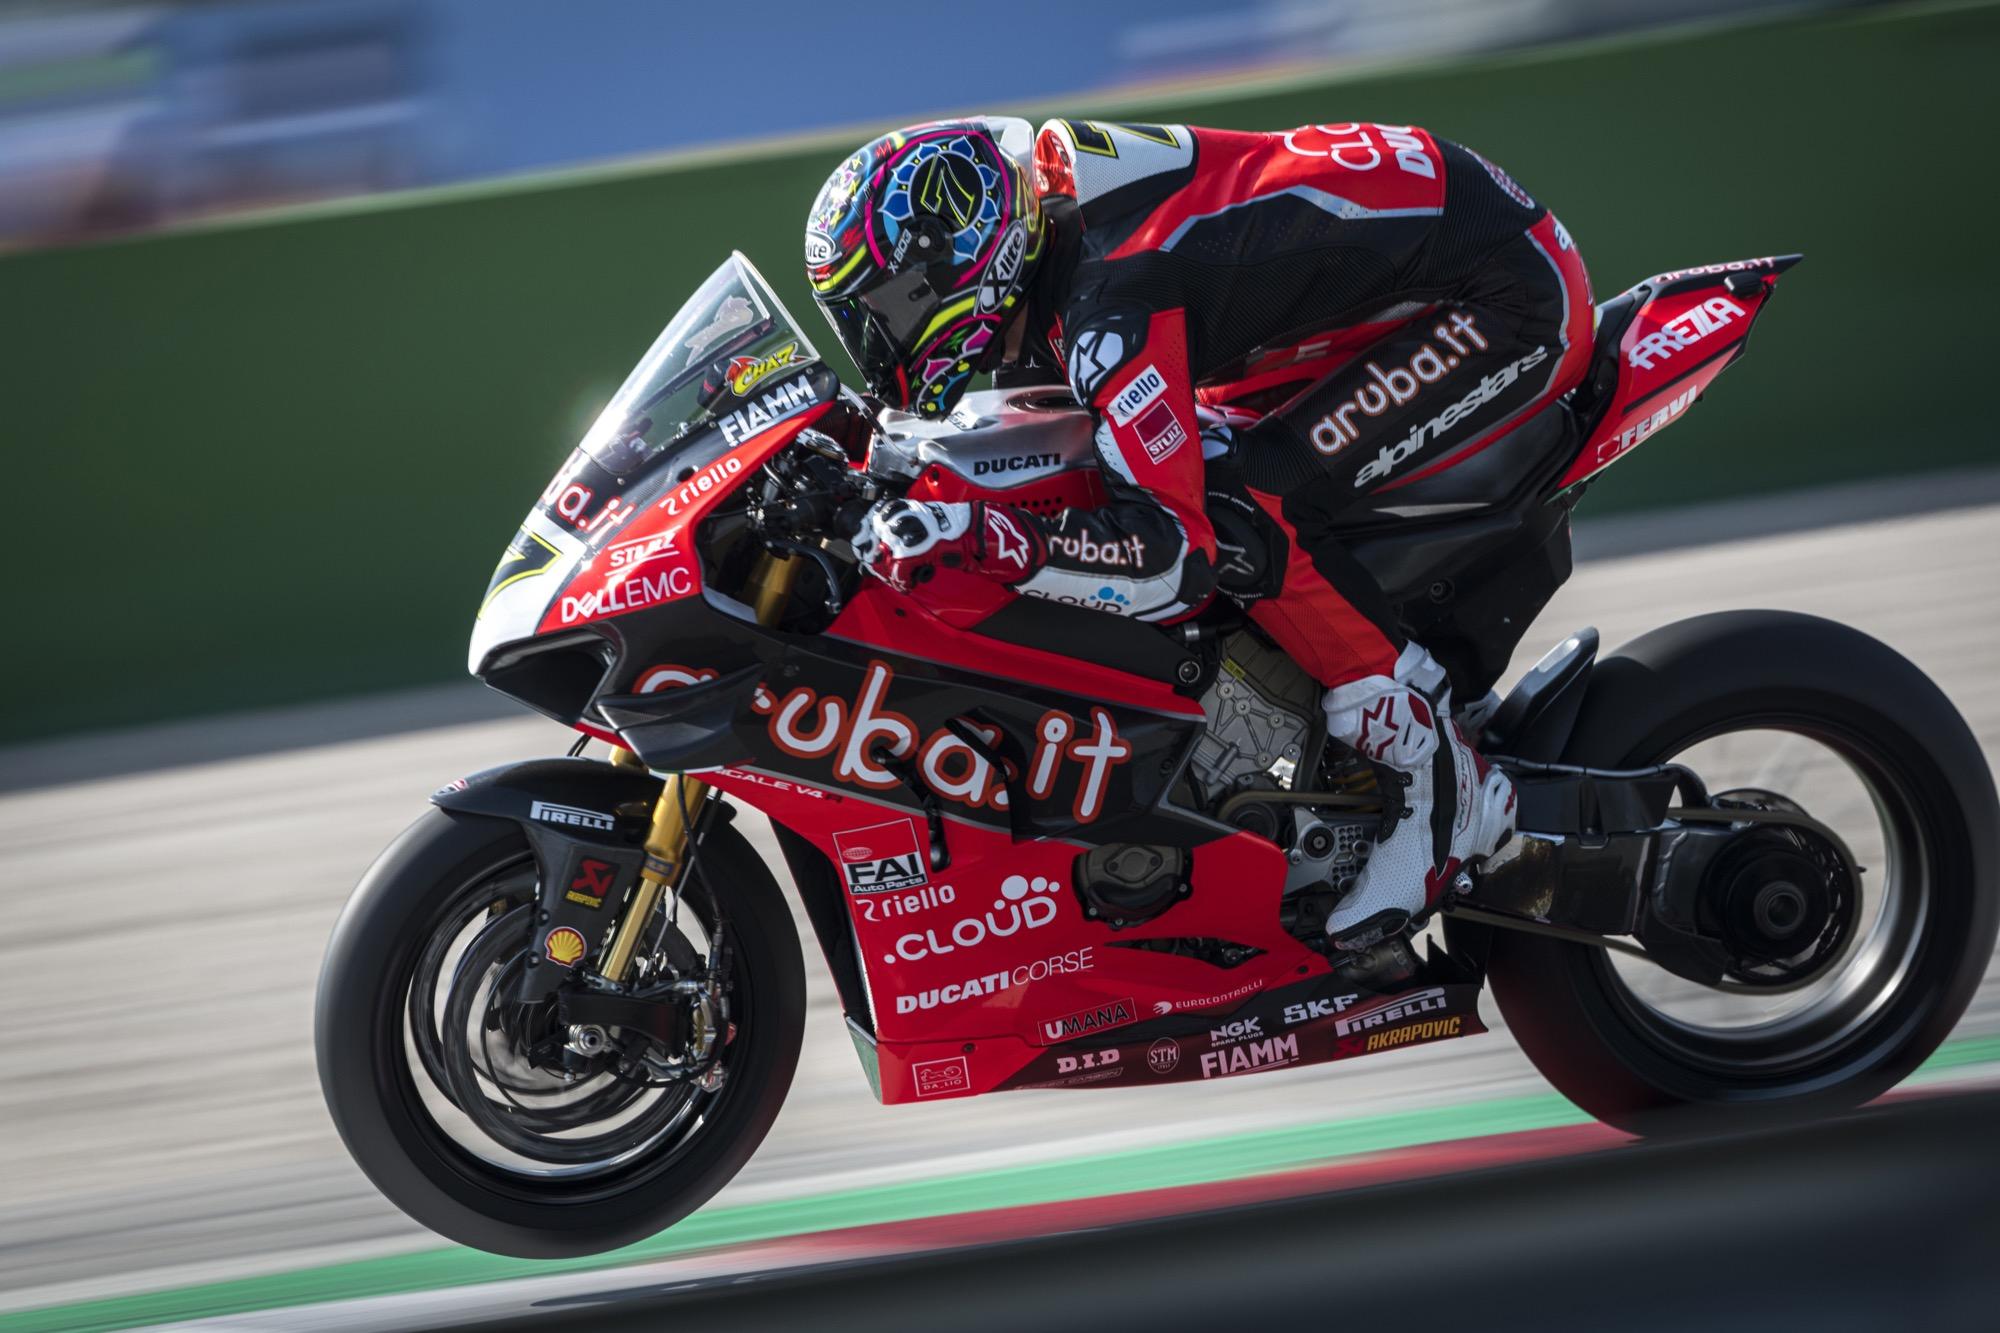 Los secretos de la Ducati Panigale V4R, y por qué algunos la odian